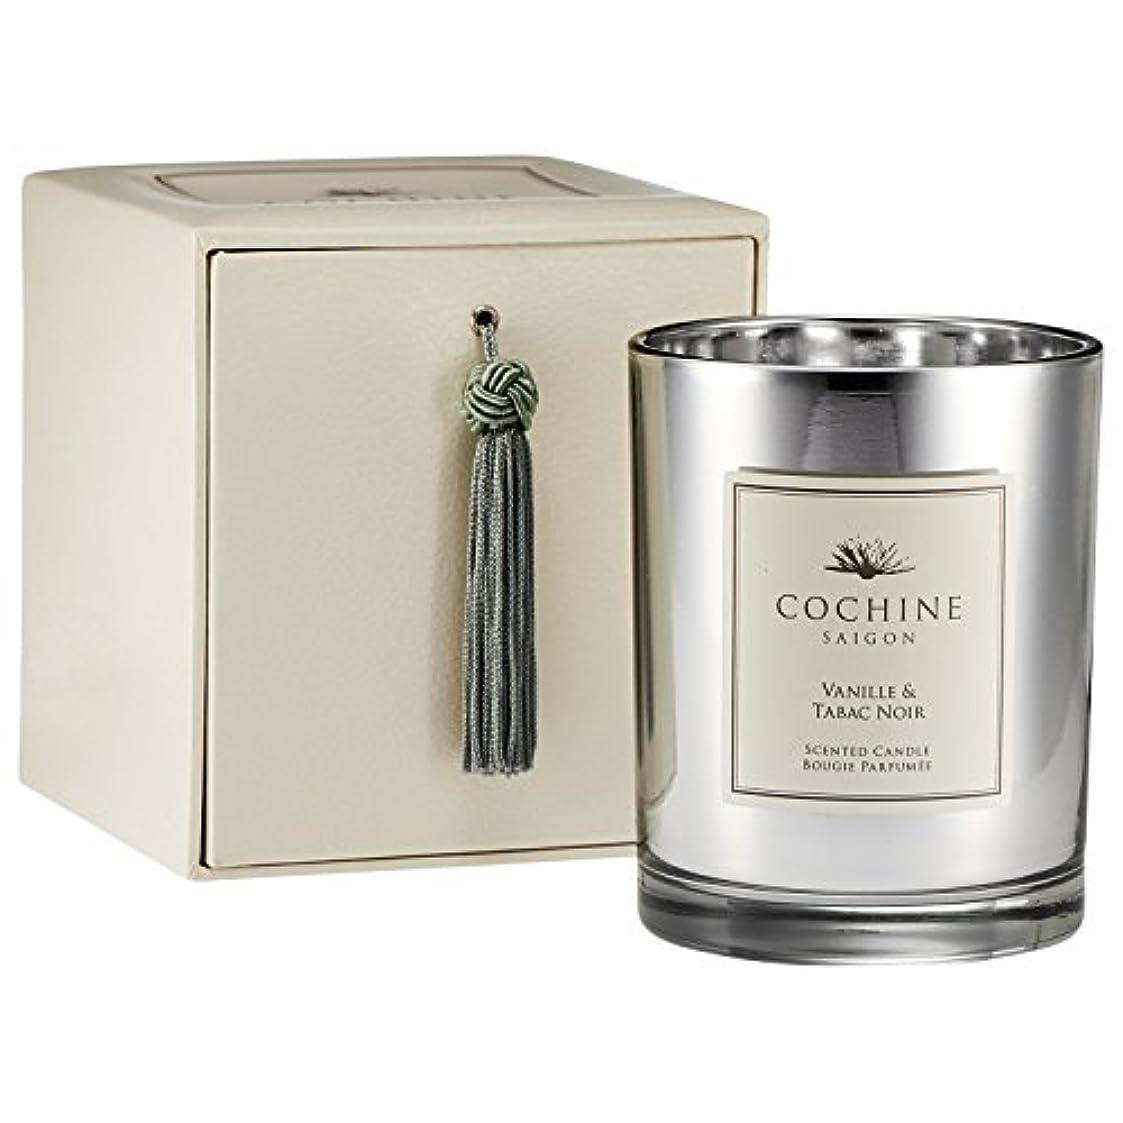 知覚できる性別納得させるCochine Vanille & Tabac Noir Scented Candle (Pack of 2) - Cochineヴァニラ&Tabacノワールの香りのキャンドル (Cochine) (x2) [並行輸入品]